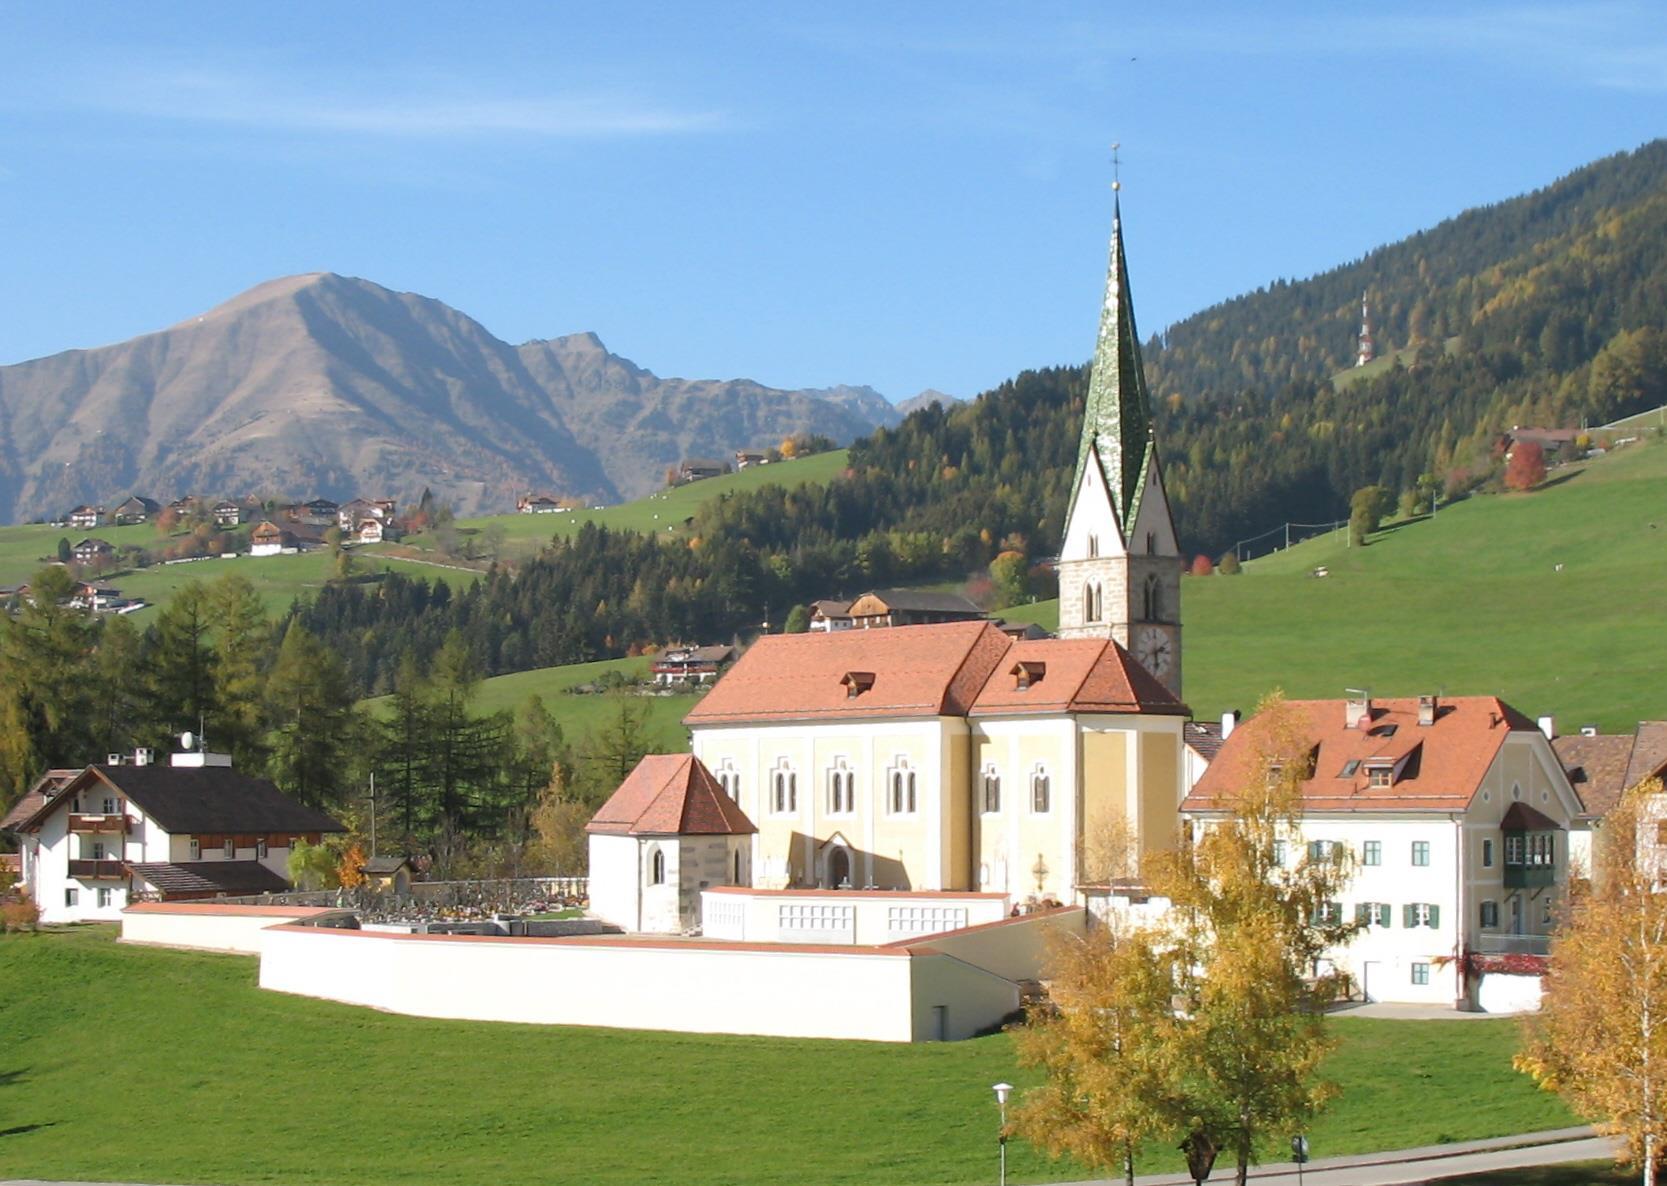 Chiesa parrocchiale S. Giorgio